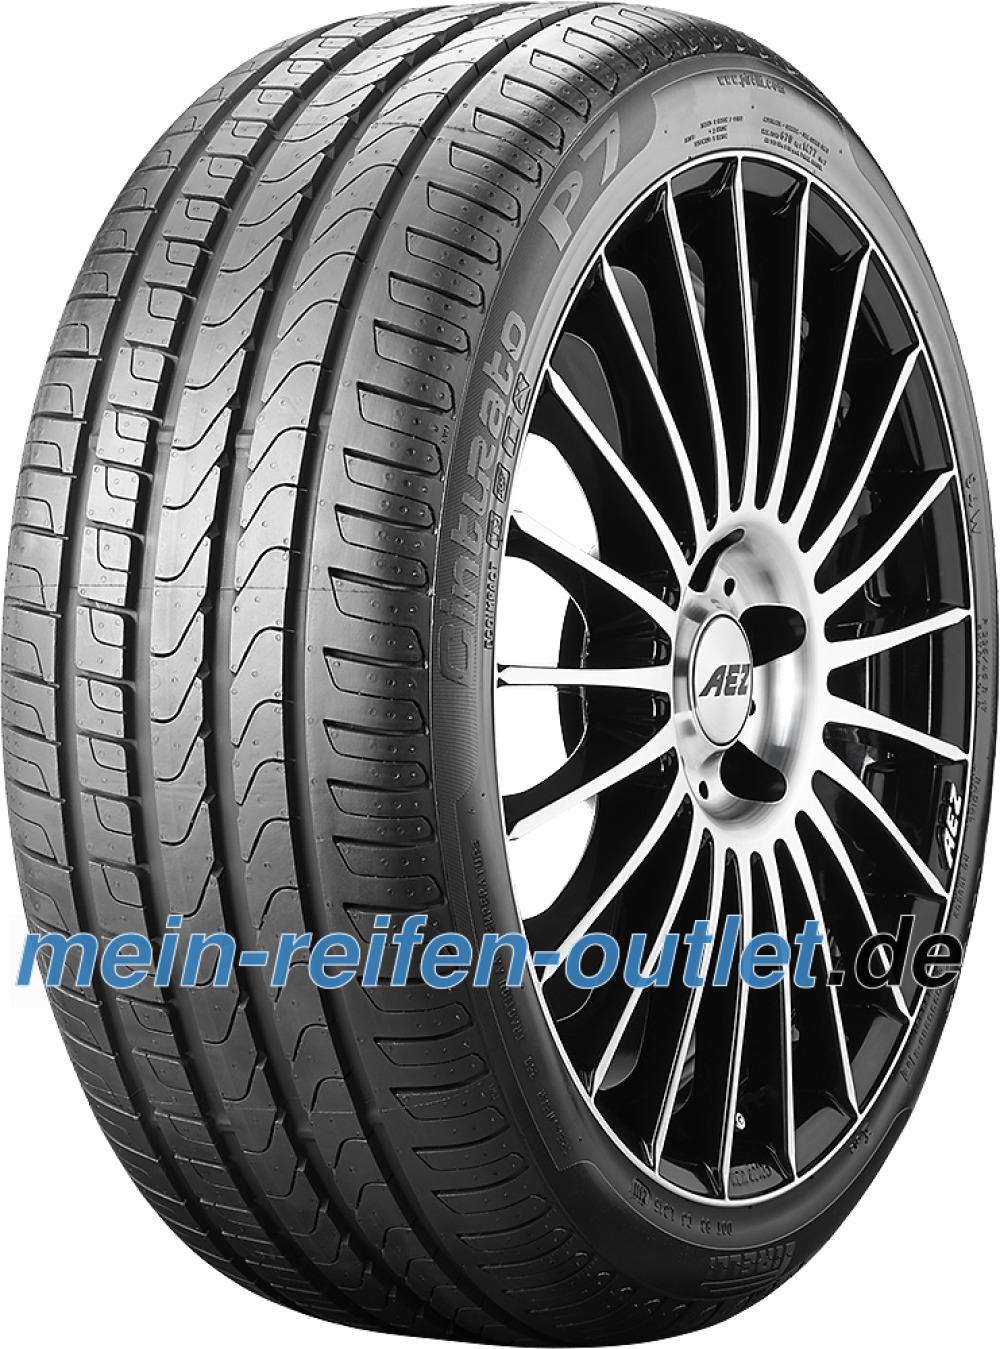 Pirelli Cinturato P7 ( 225/50 ZR17 98W XL )